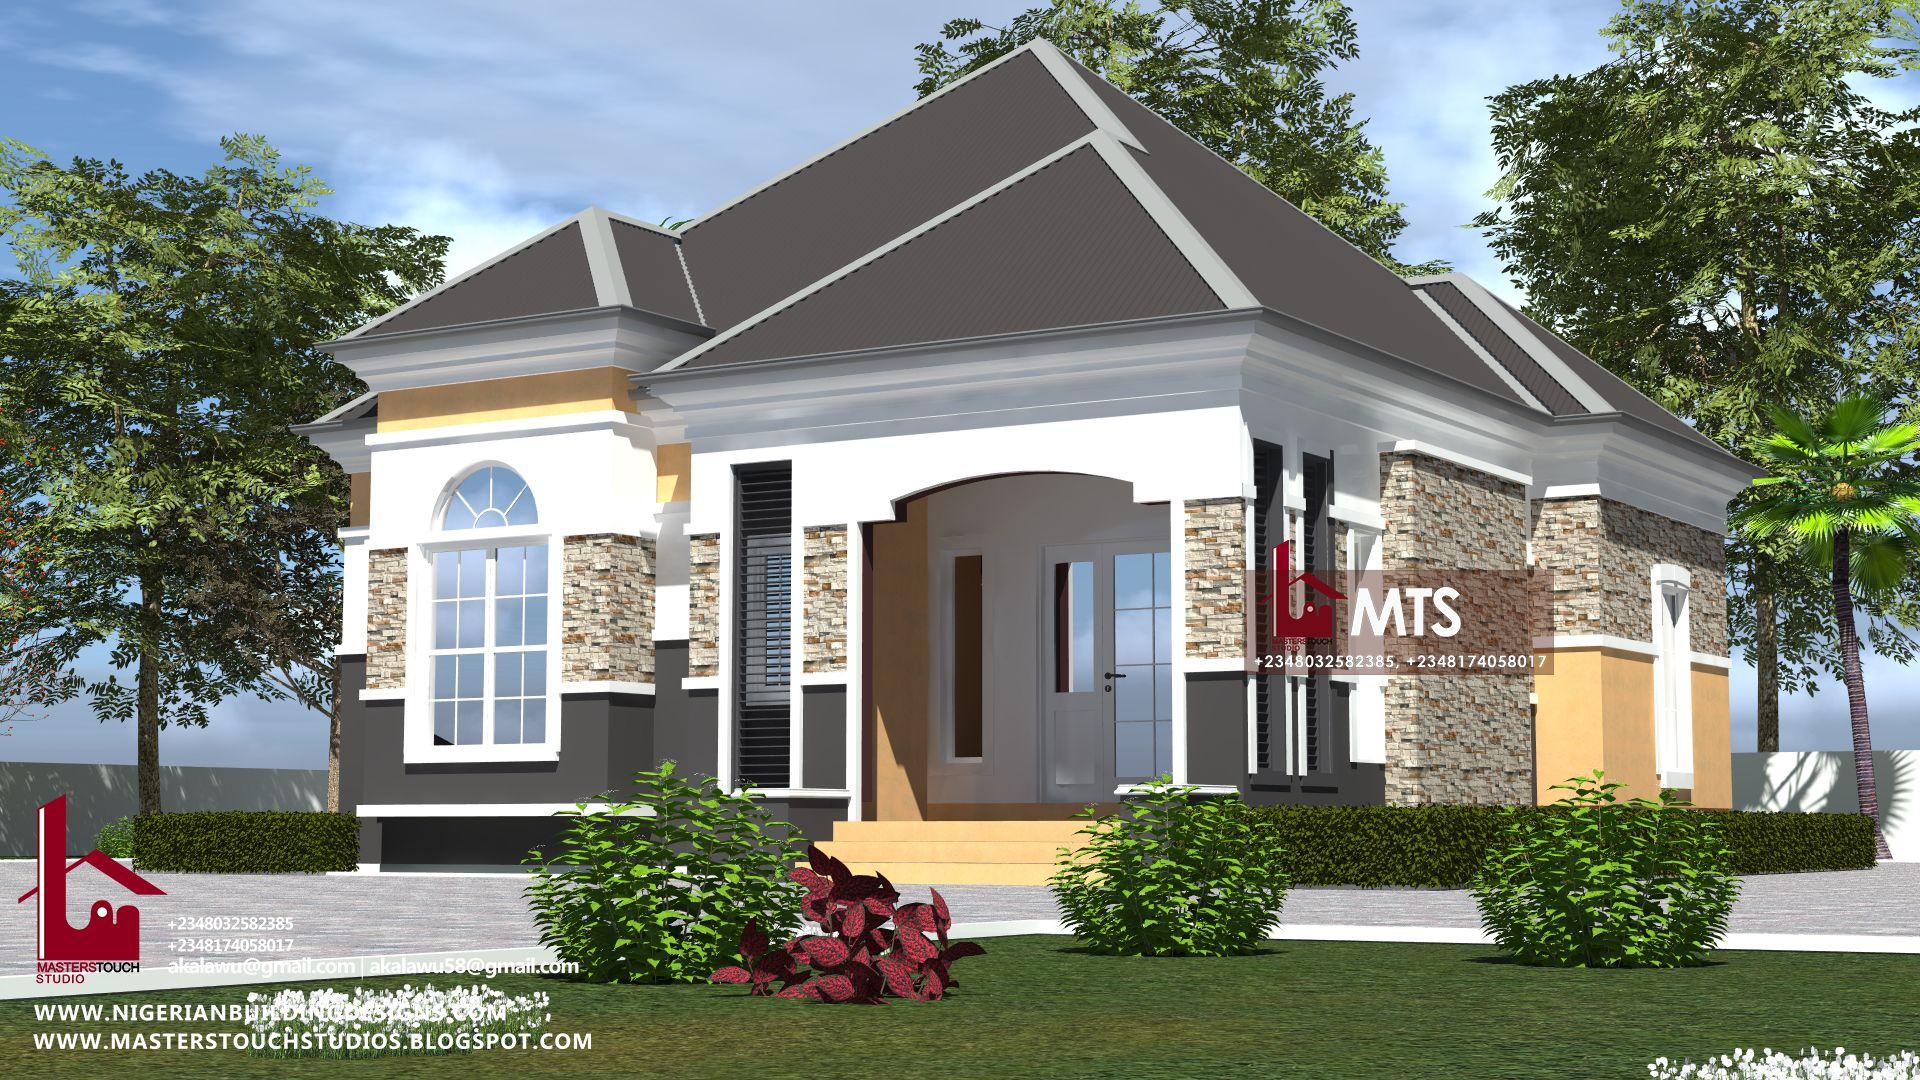 Floor Plan Details Entrance Porch Main Lounge Kitchen Veranda Store Bedroom 1 Bedroom 2 Wcs 3 Bath 2 Bungalow House Plans Dream House Exterior Bungalow